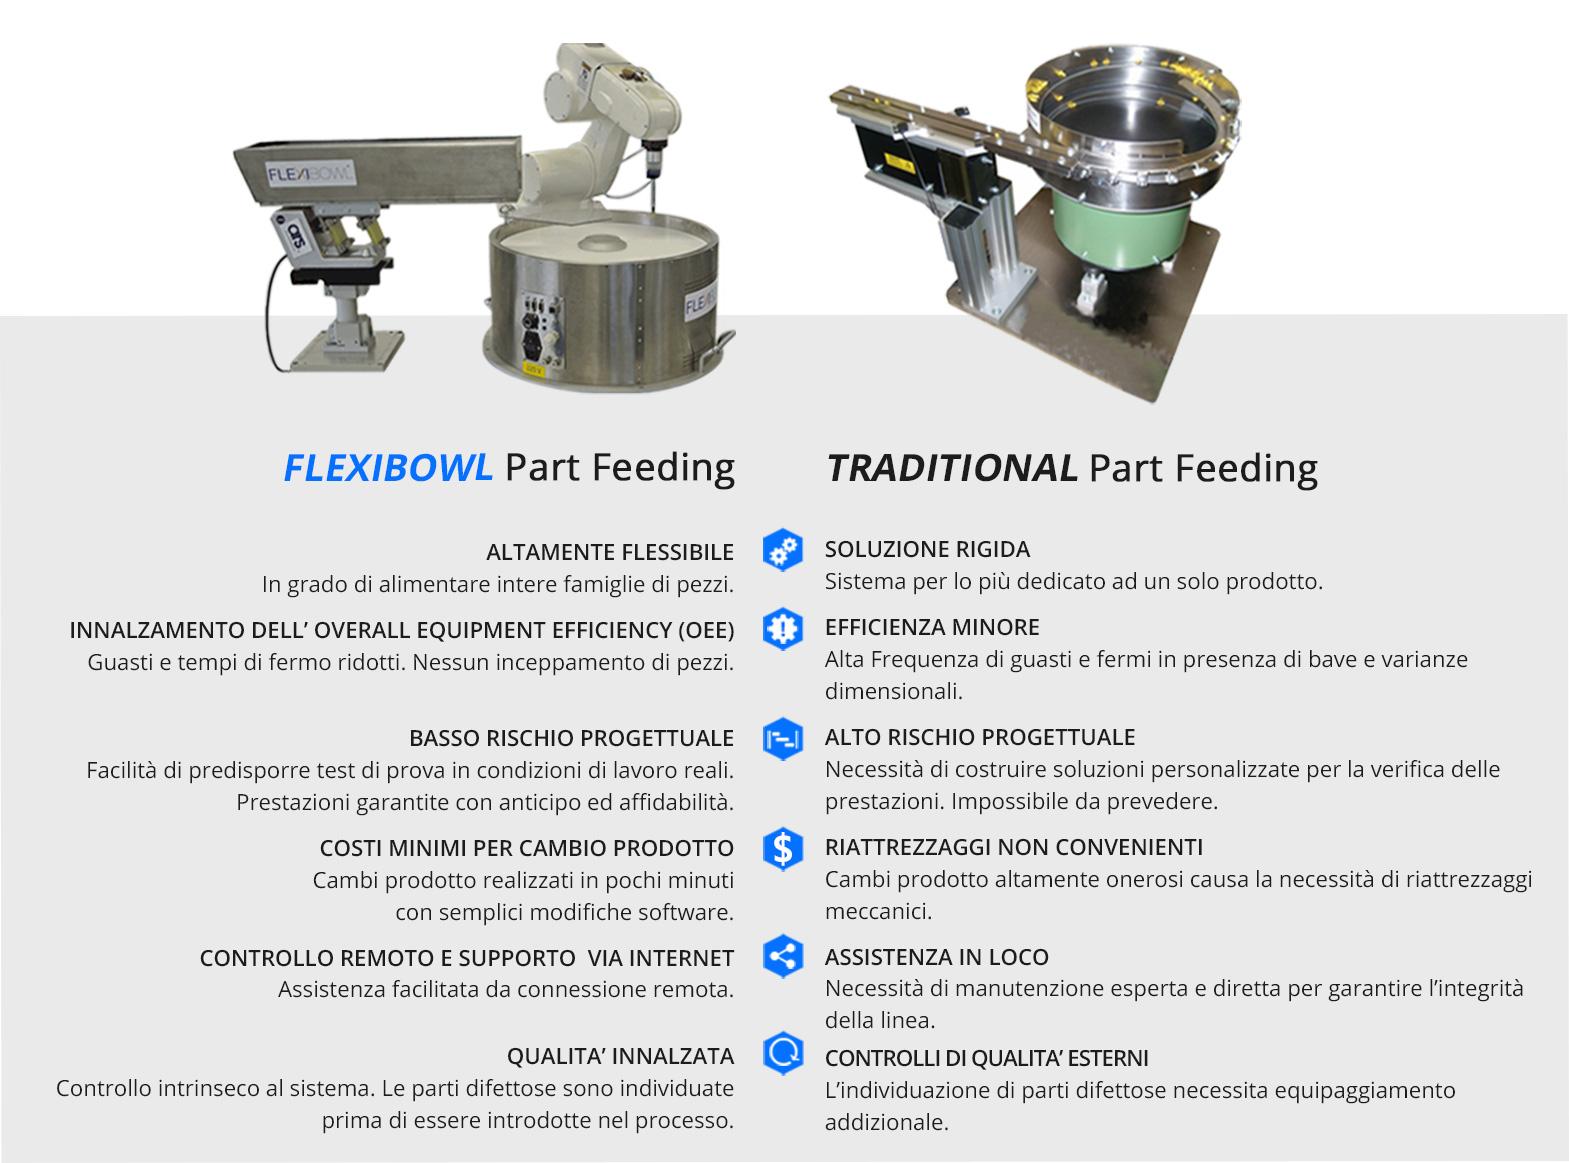 Confronto tra vibratori a tazza a sistemi di alimentazione flessibile